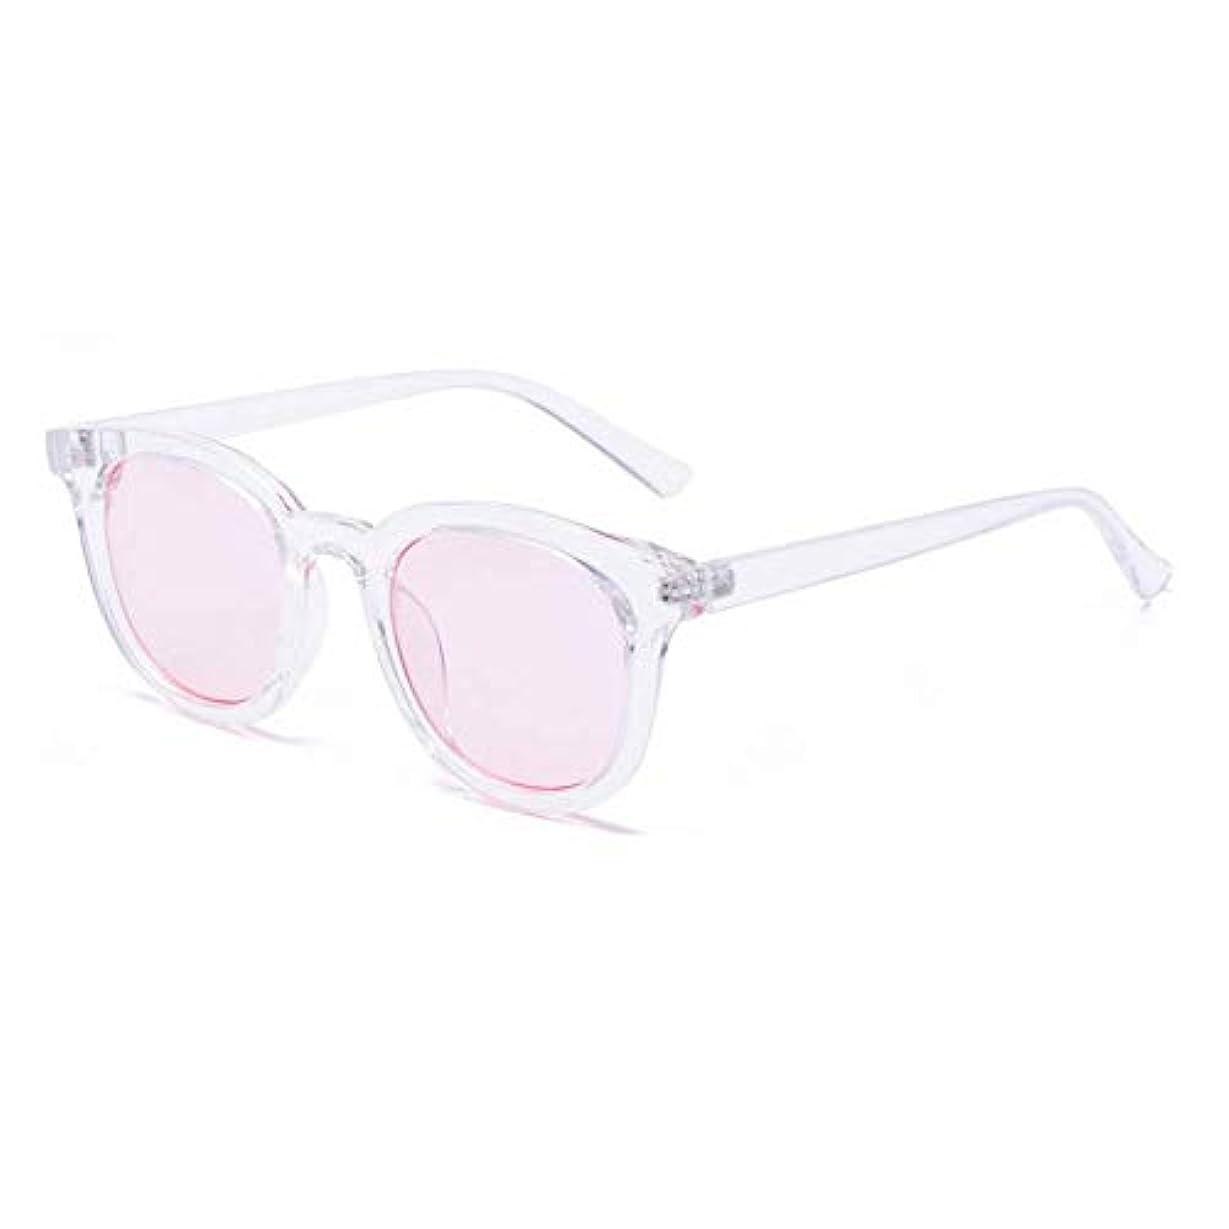 甘美な器用ラテンヴィンテージサングラス、レディースメンズマルチカラースクエアアセテートなサングラス、ピンク